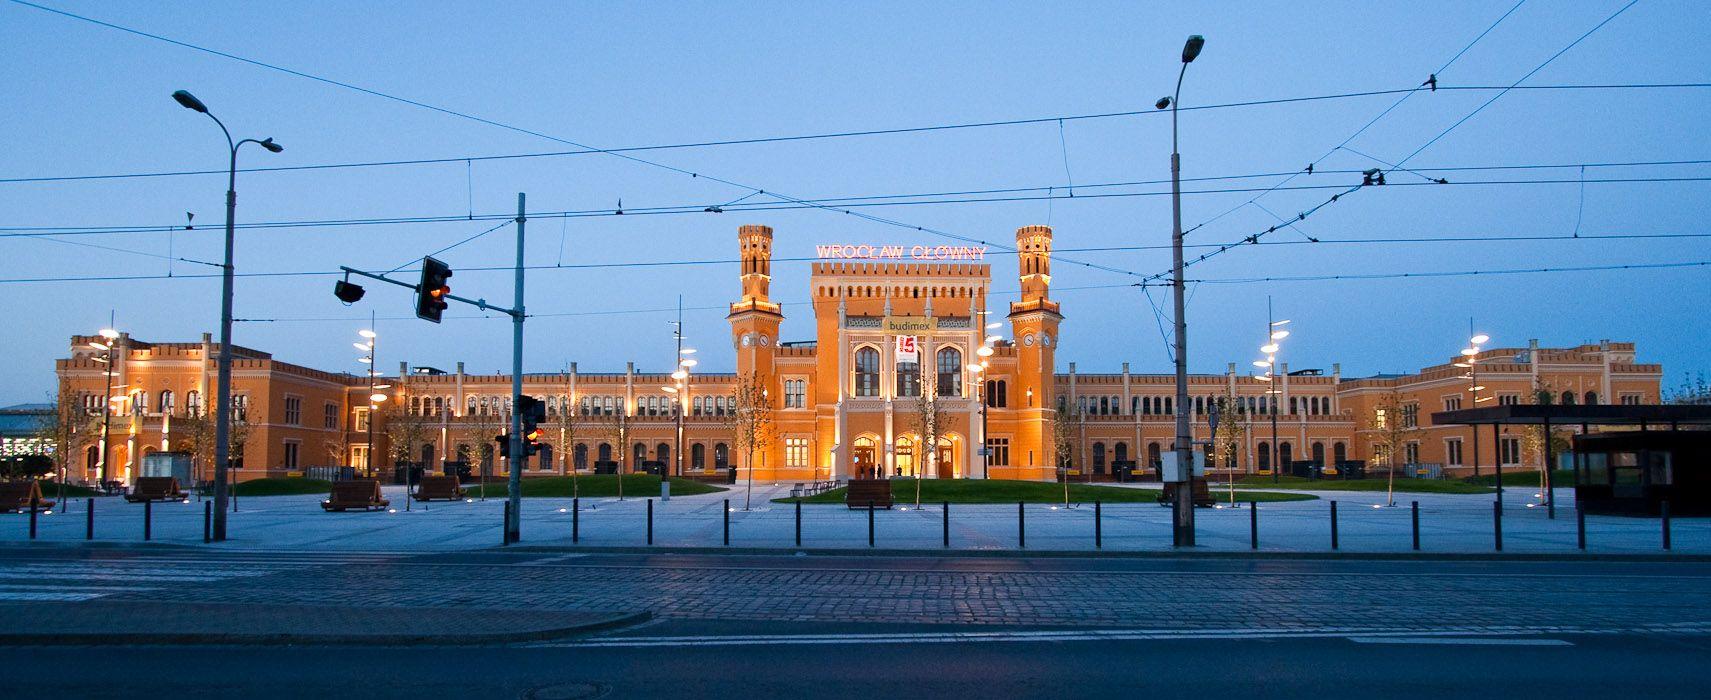 Wrocław] Dworzec Główny